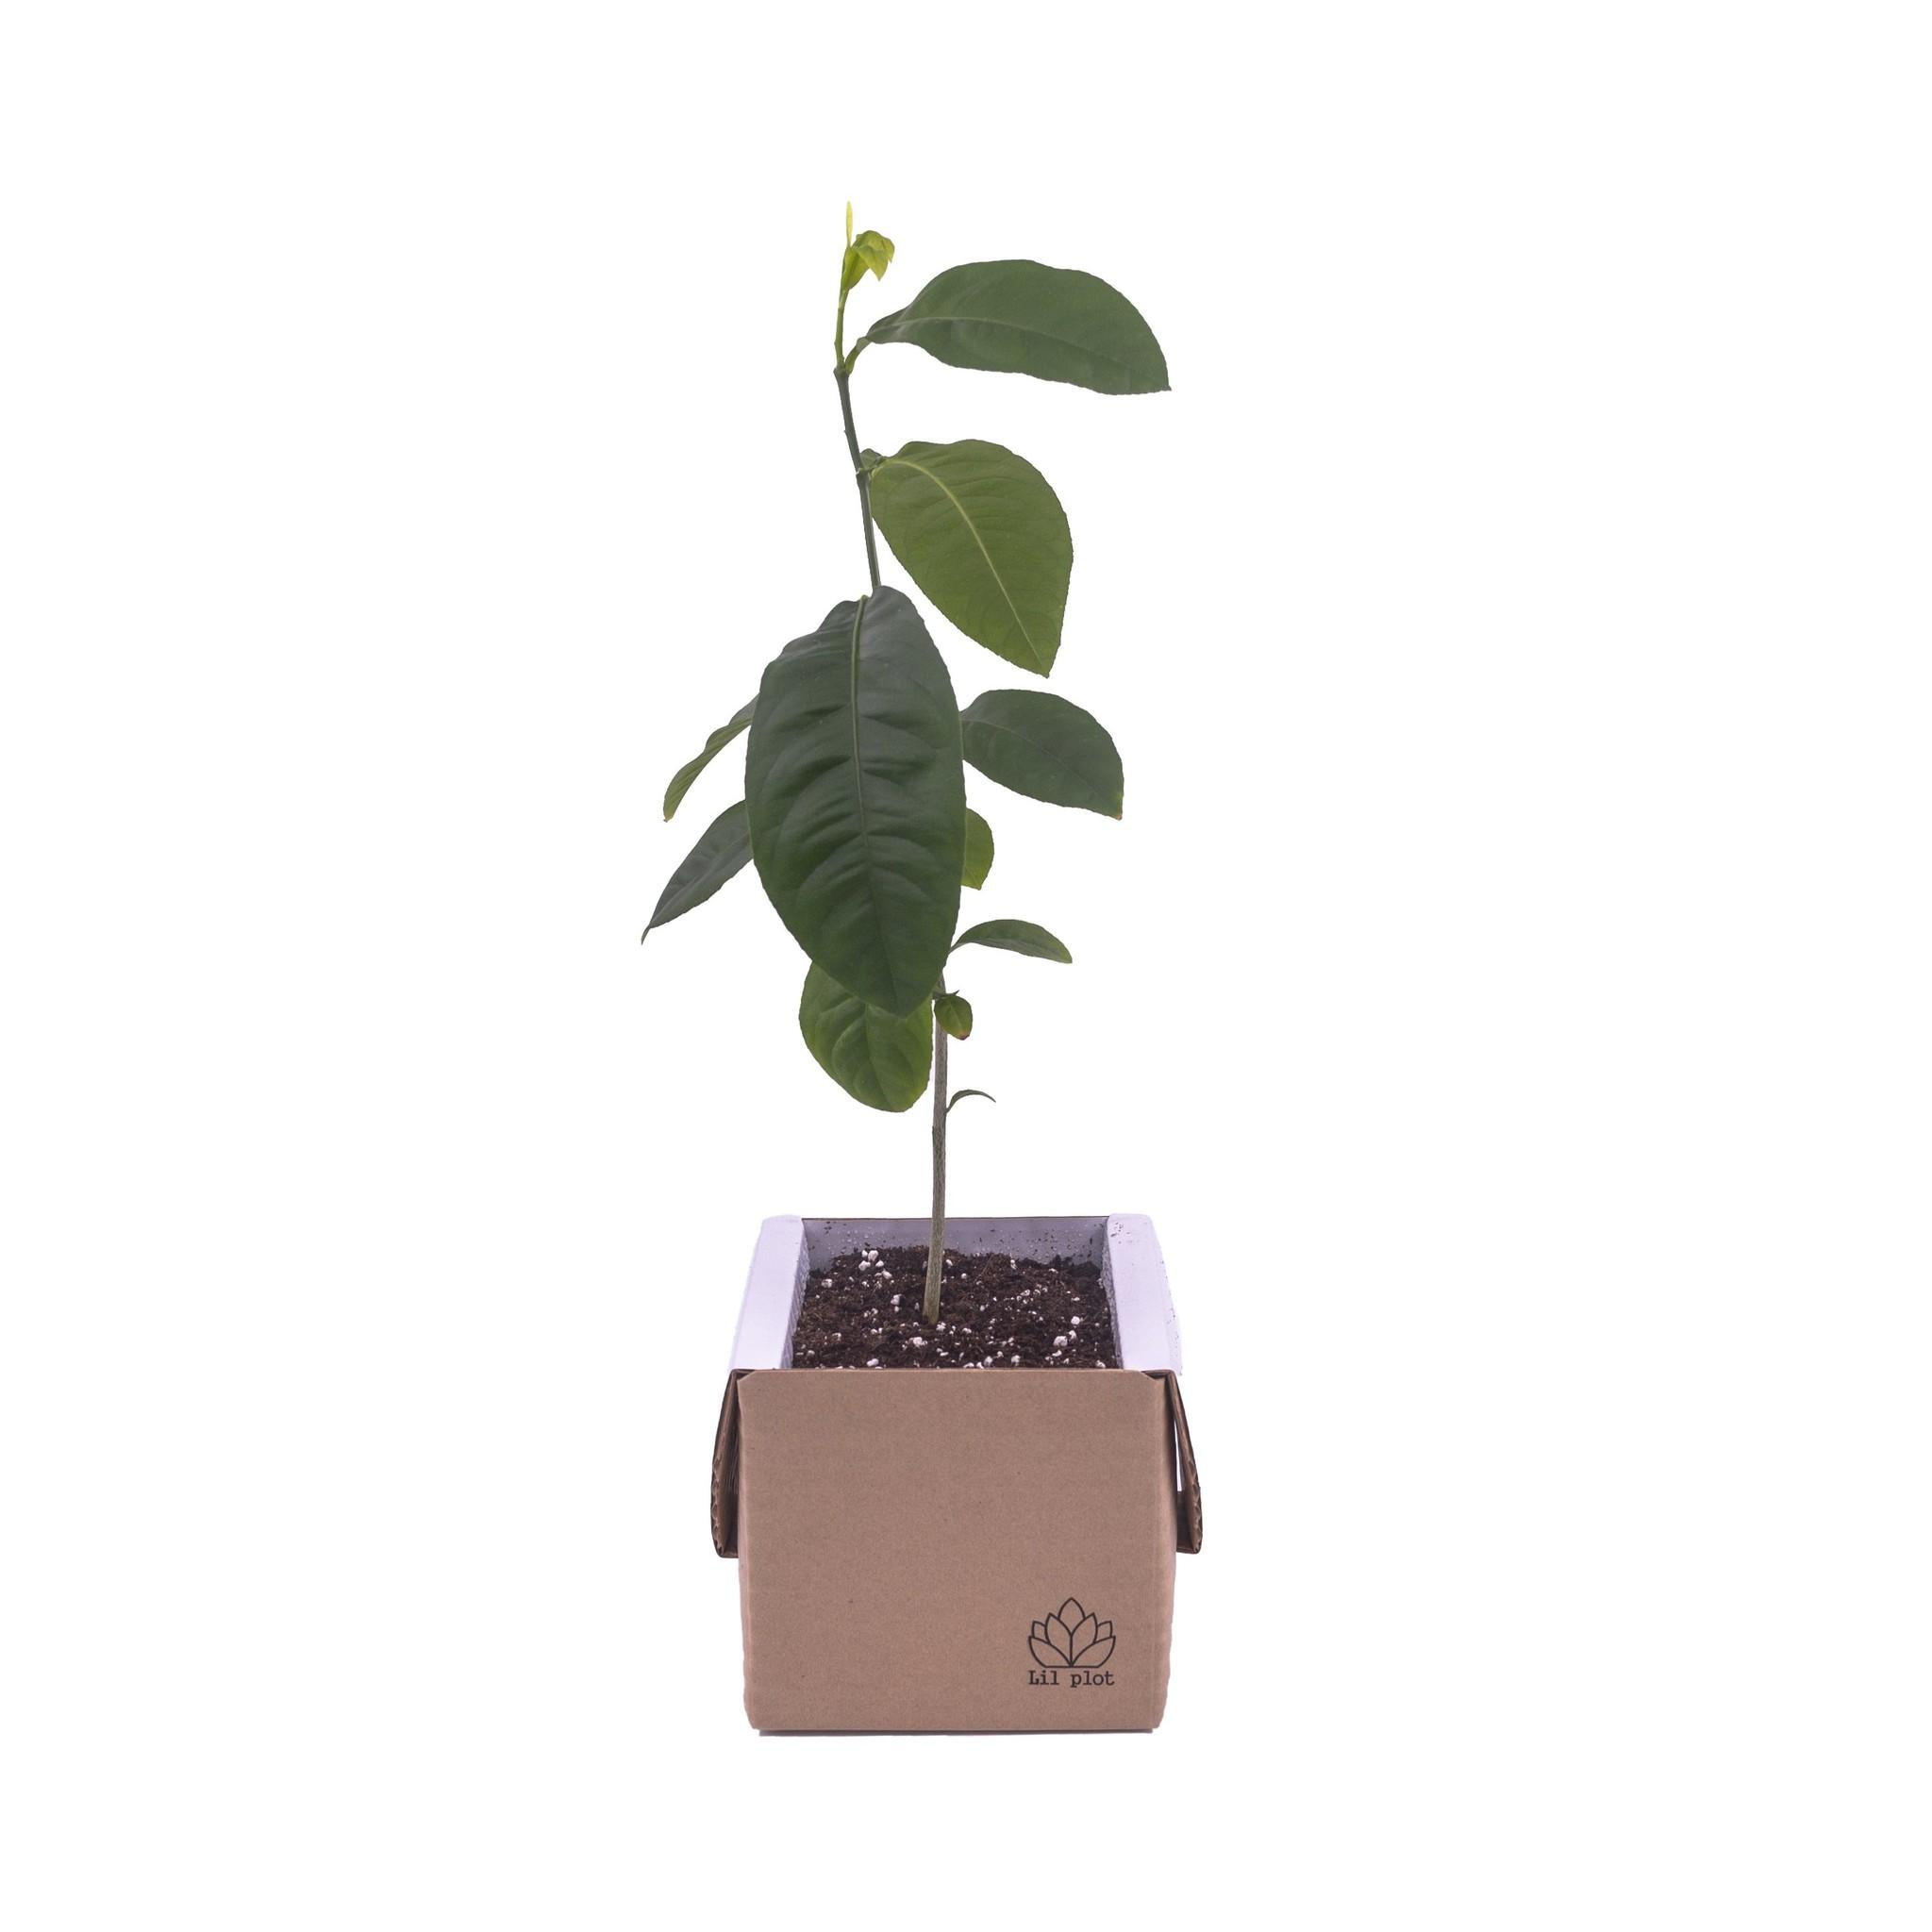 Zitronenbaum Anzuchtset